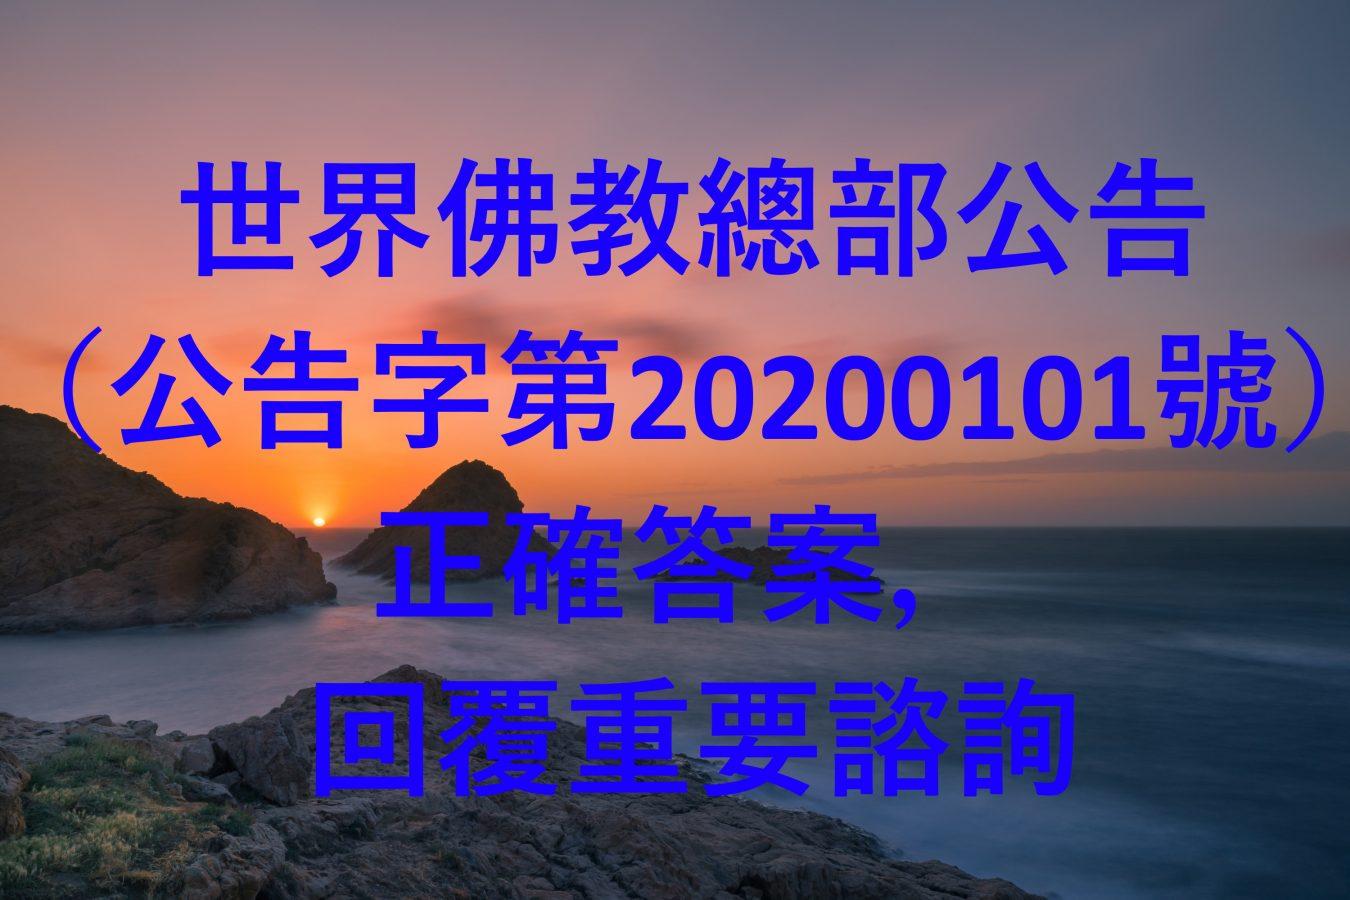 世界佛教總部公告(公告字第20200101號) 正確答案,回覆重要諮詢